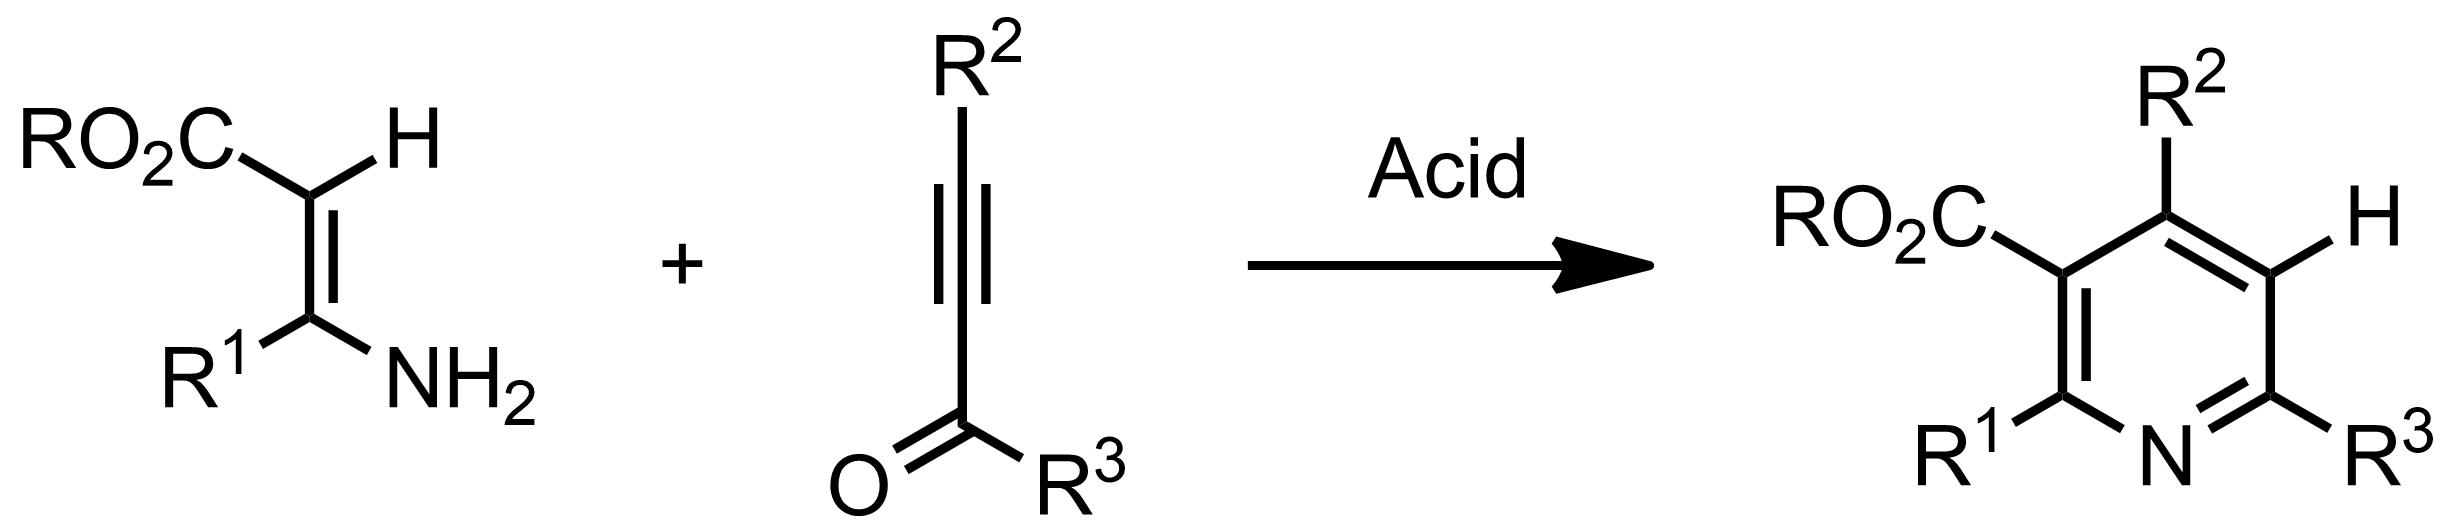 Schematic representation of the Bohlmann-Rahtz Pyridine Synthesis.